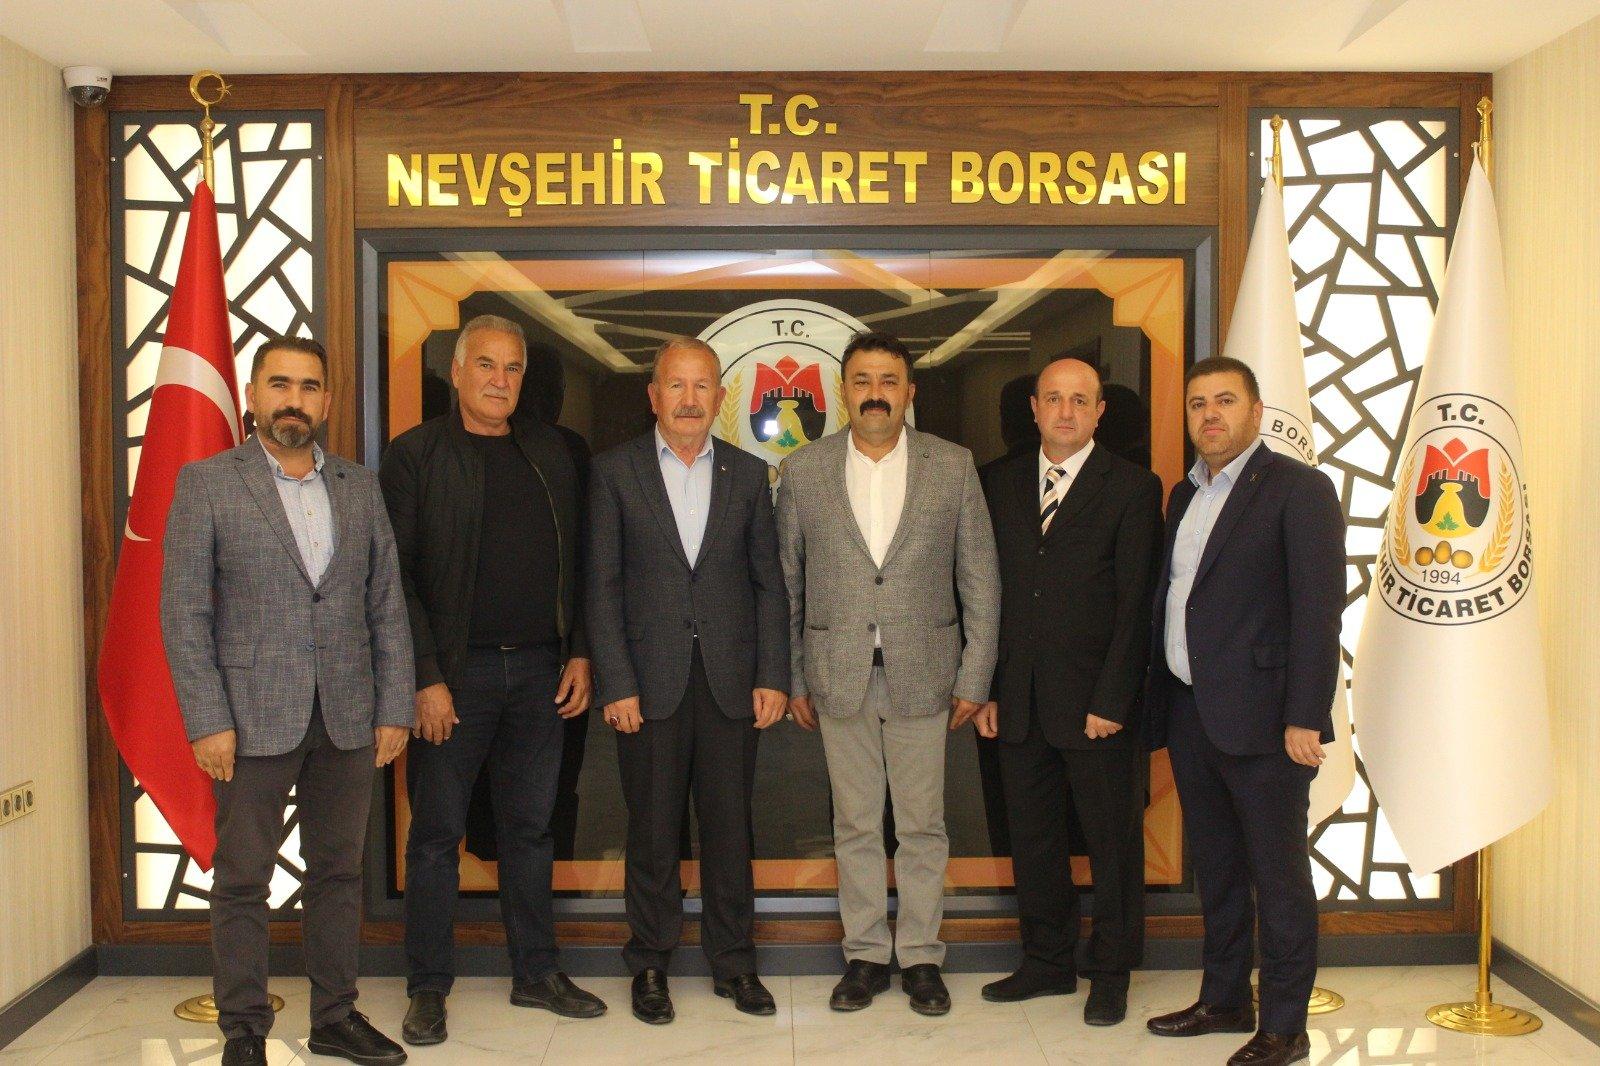 PÜSİAD Yönetiminden Nevşehir Ticaret Borsasına Ziyaret